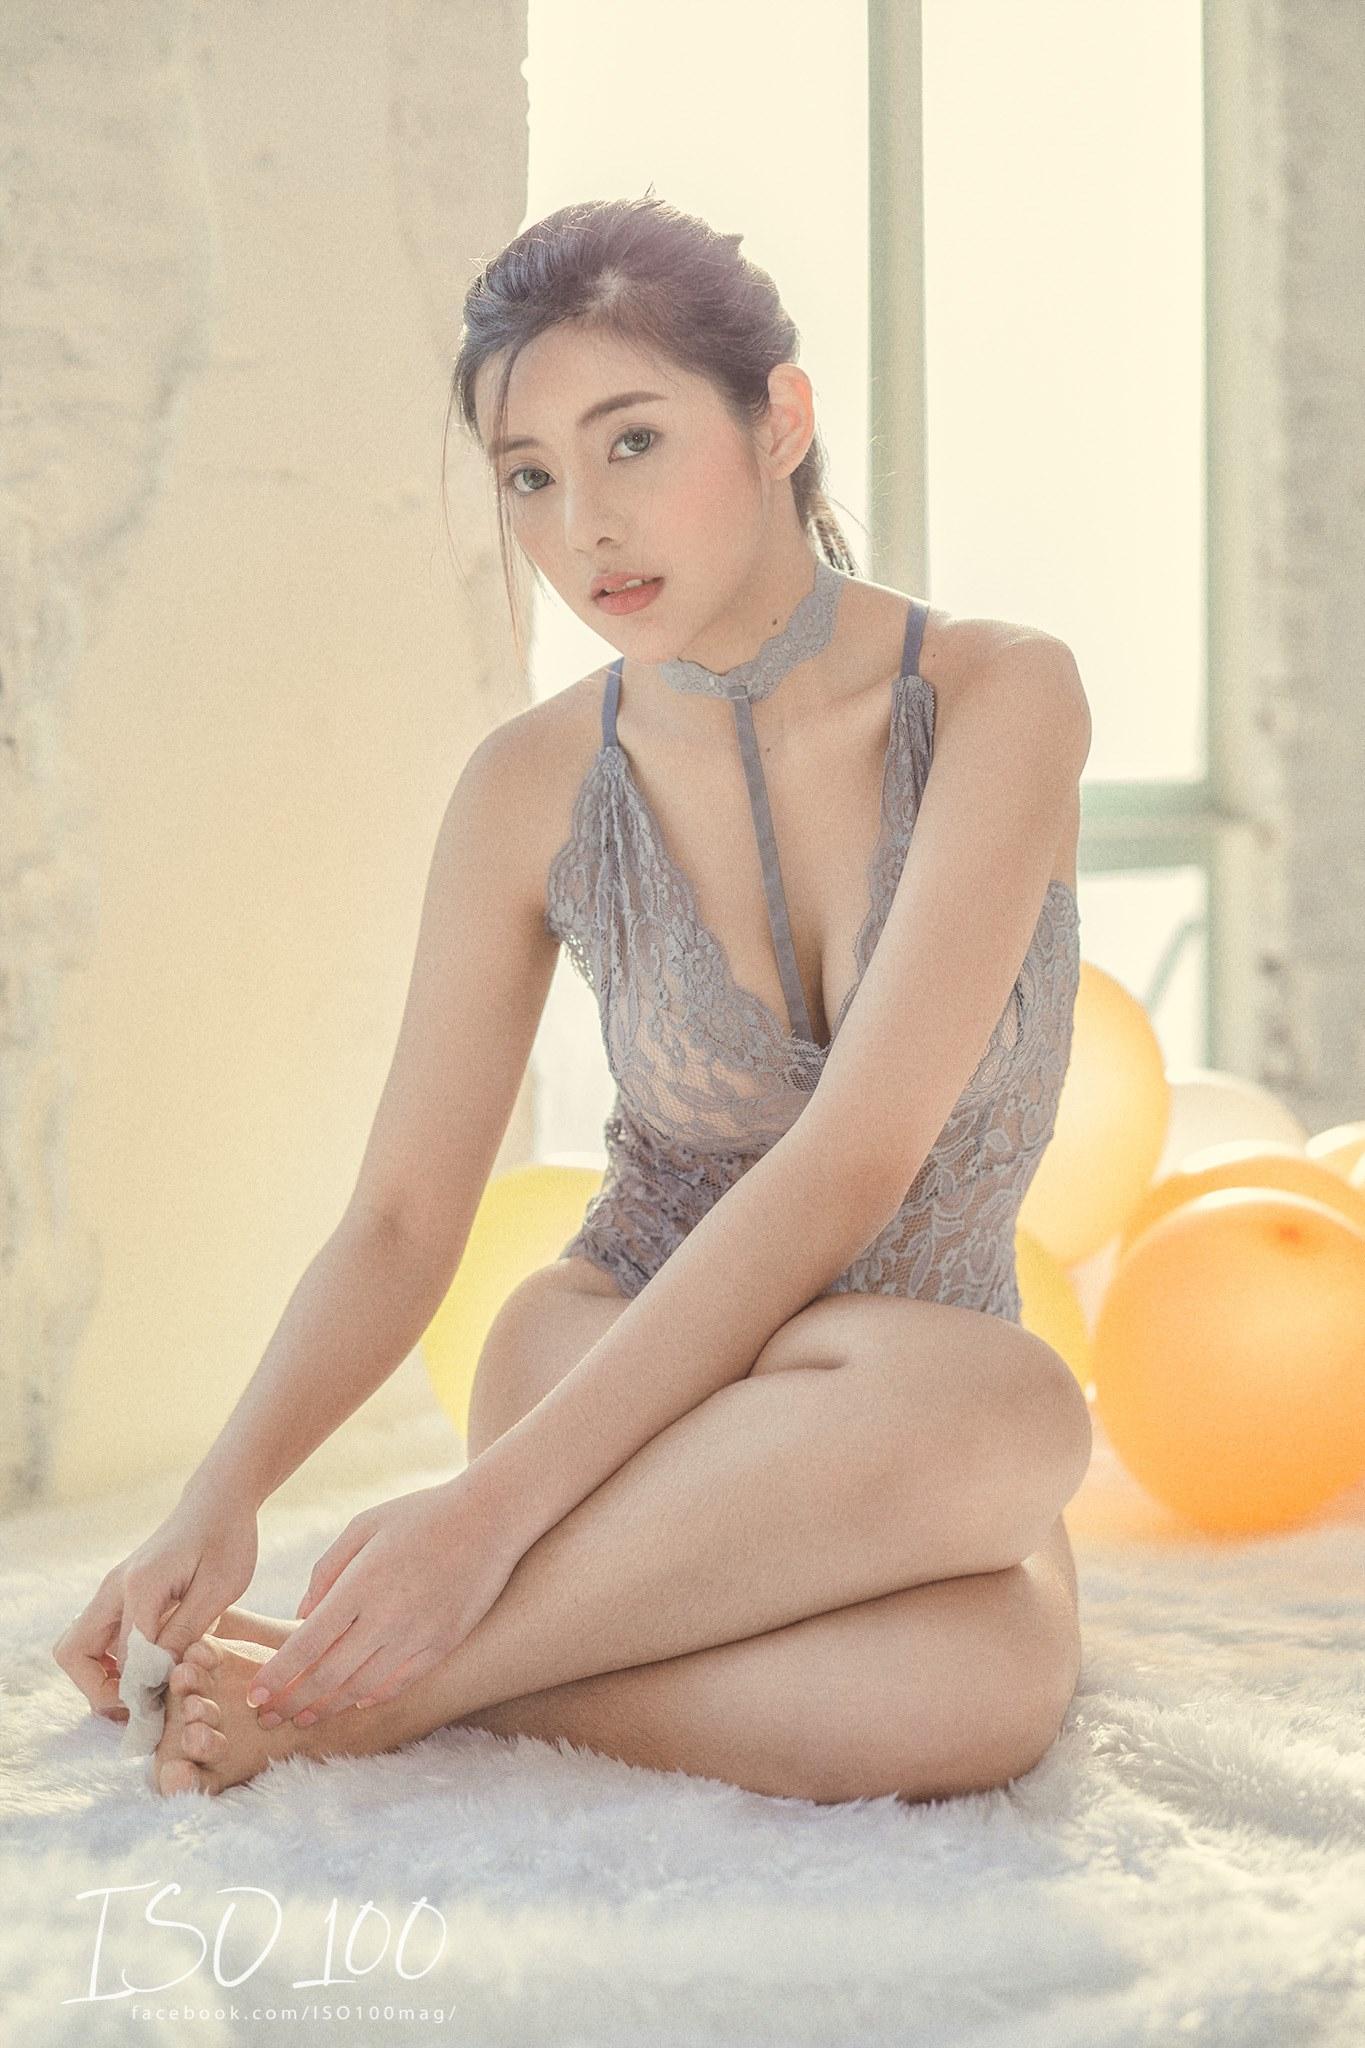 Balloons - Supitcha Boonkumphoung